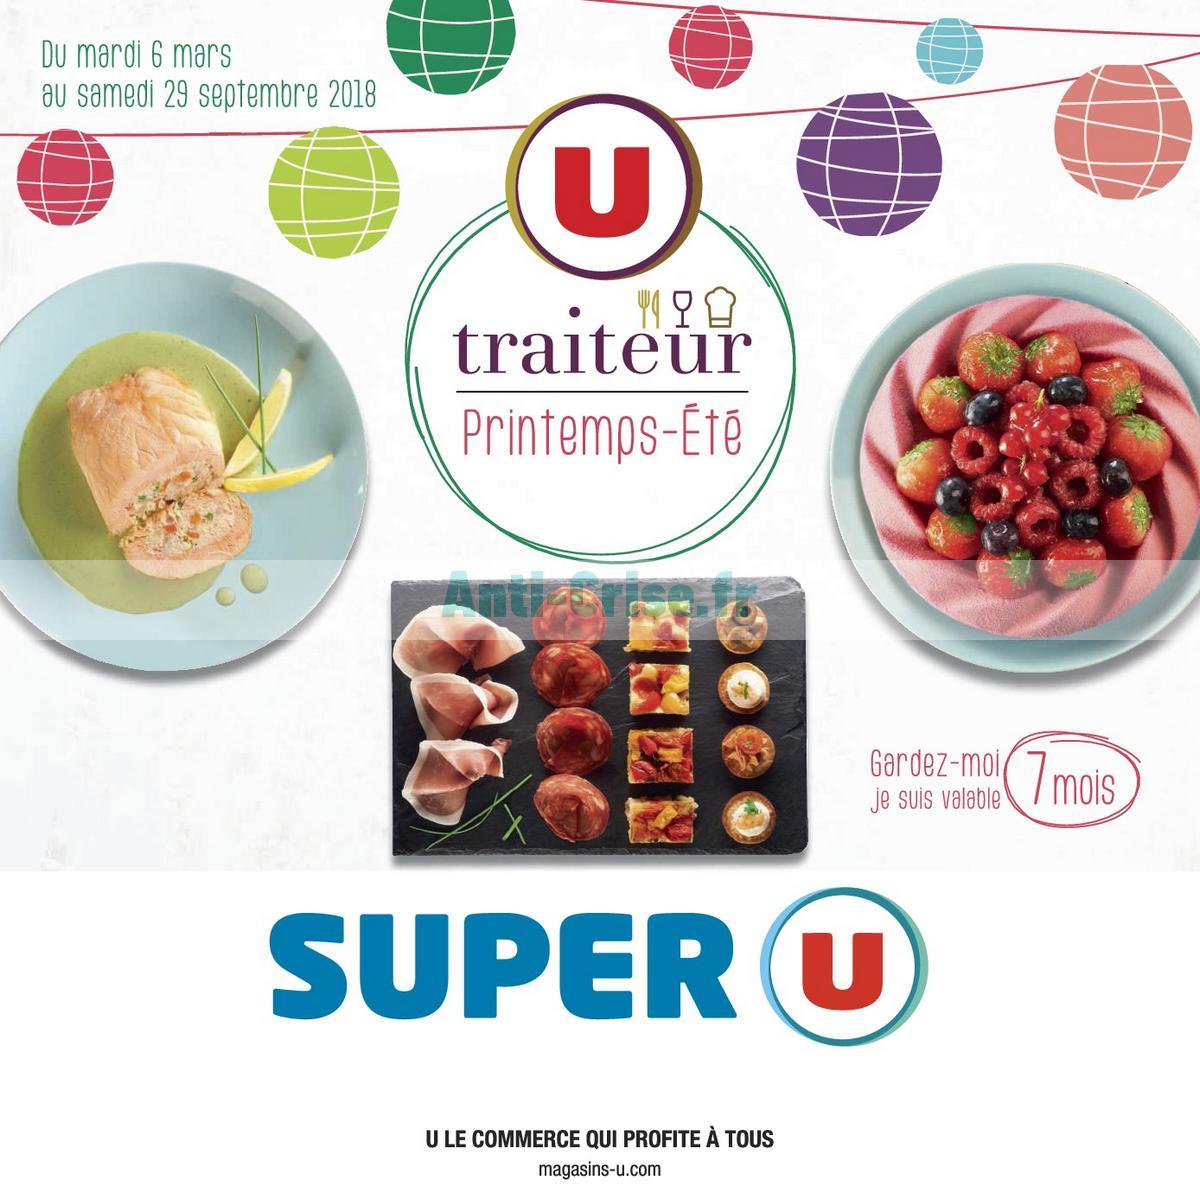 carte traiteur super u Catalogue Super U du 6 mars au 29 septembre 2018 (Traiteur